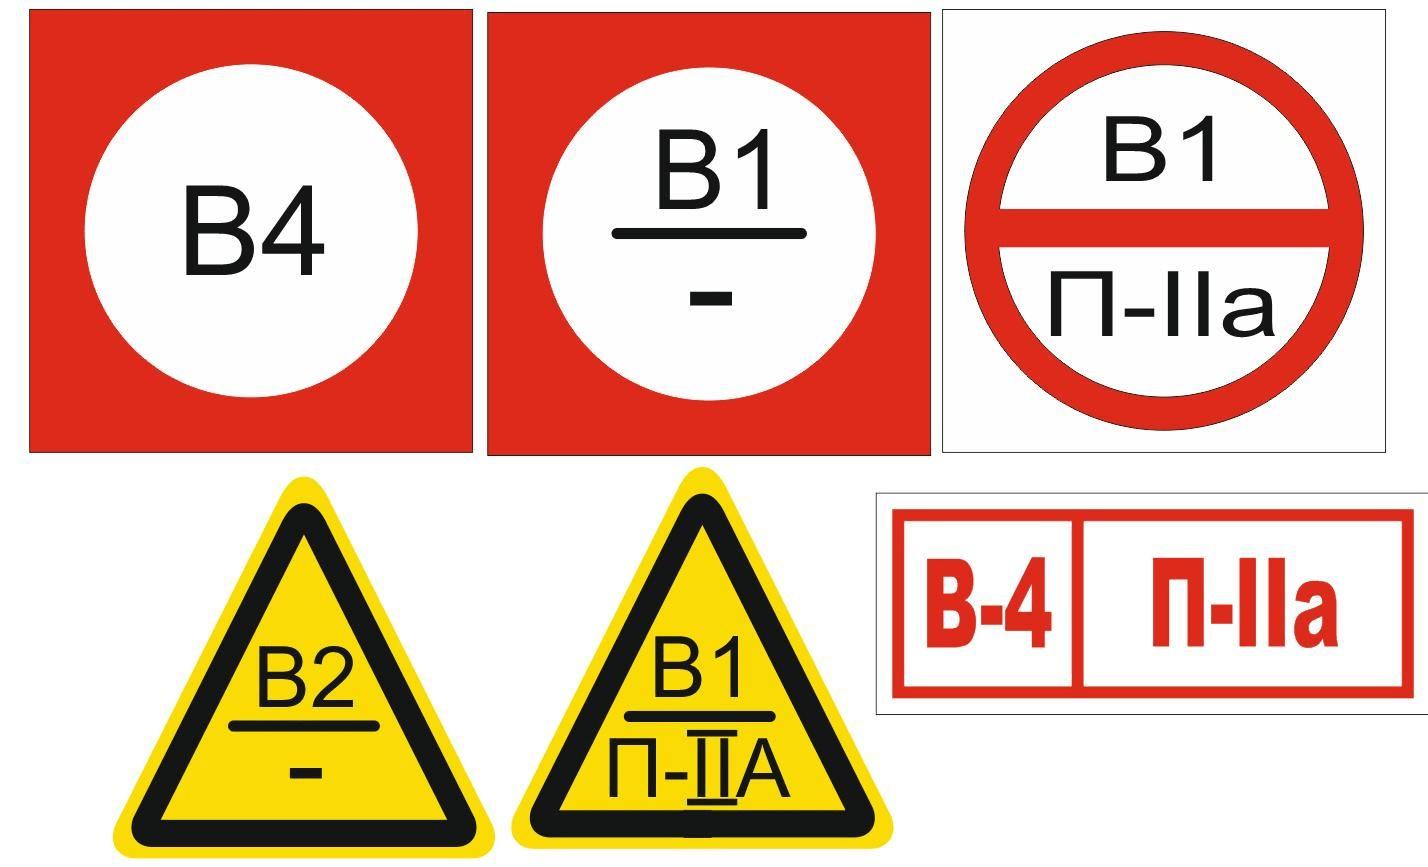 После декларирования и расчета категорий помещений готовится специальная маркировка. На рисунке представлены условные обозначения пожарной маркировки.